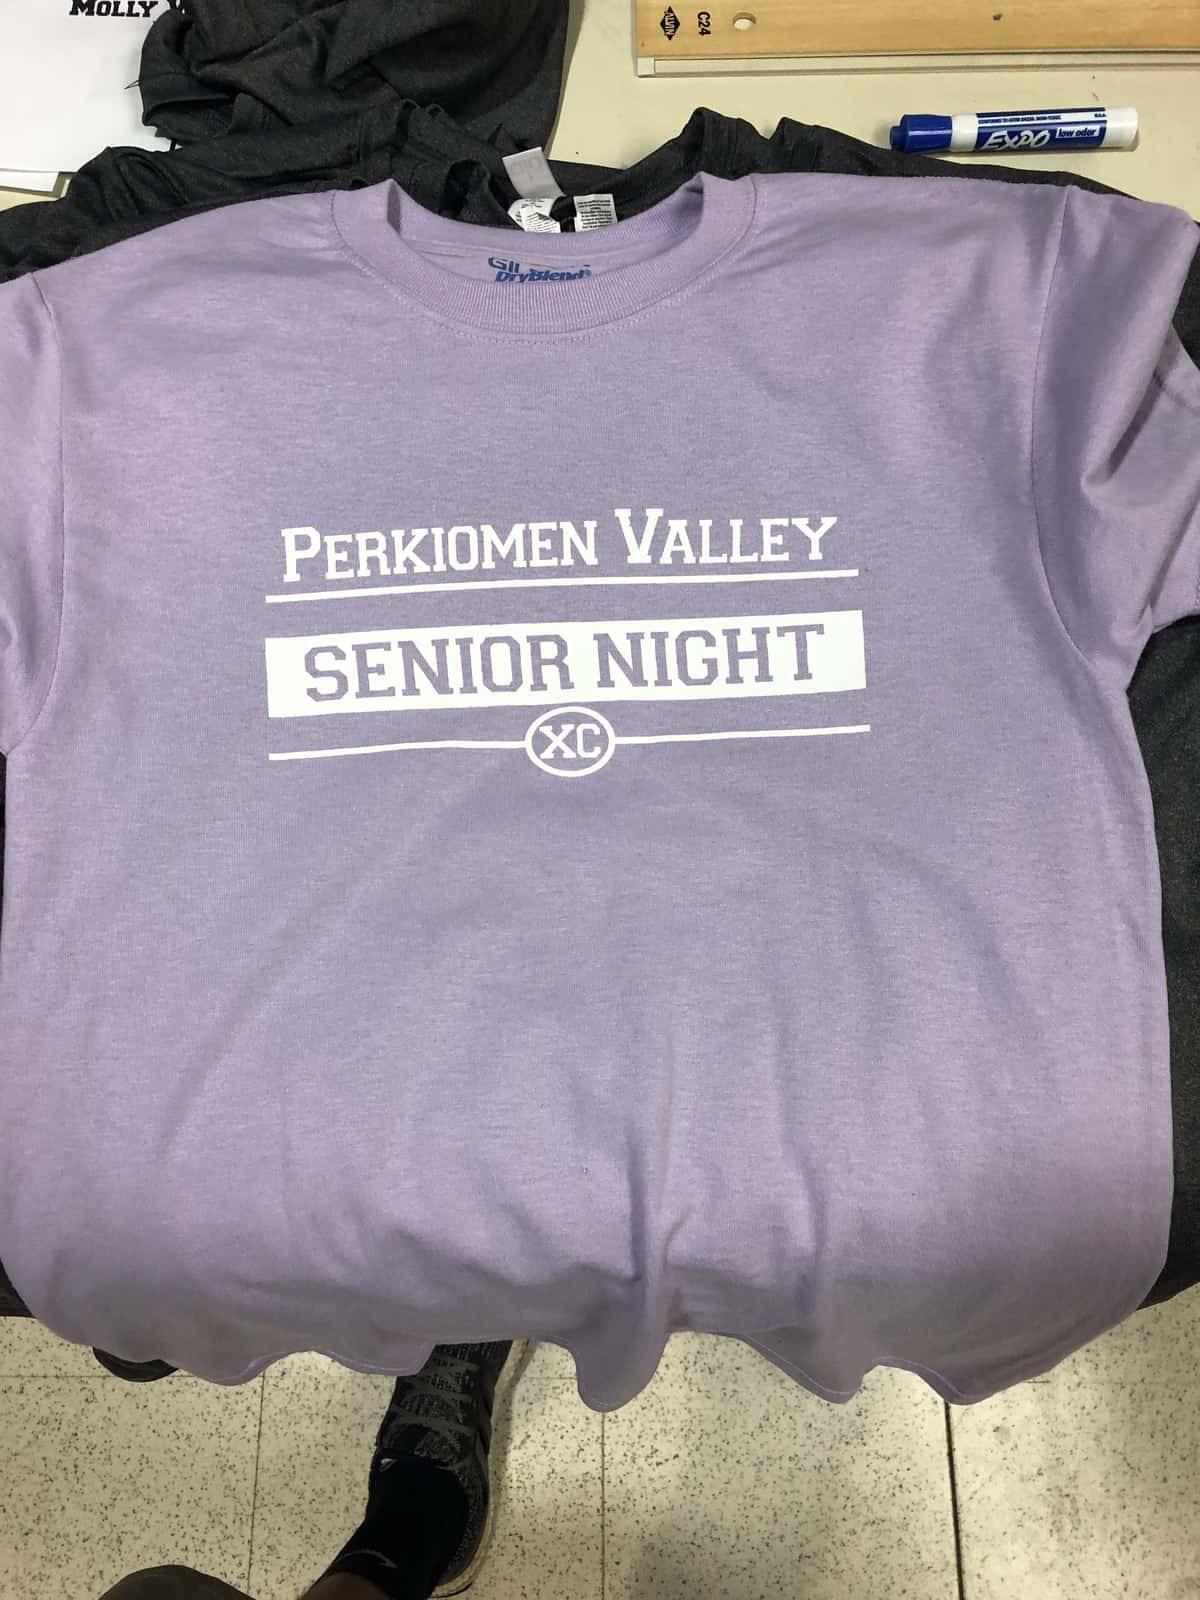 PVXC Senior Night 2018